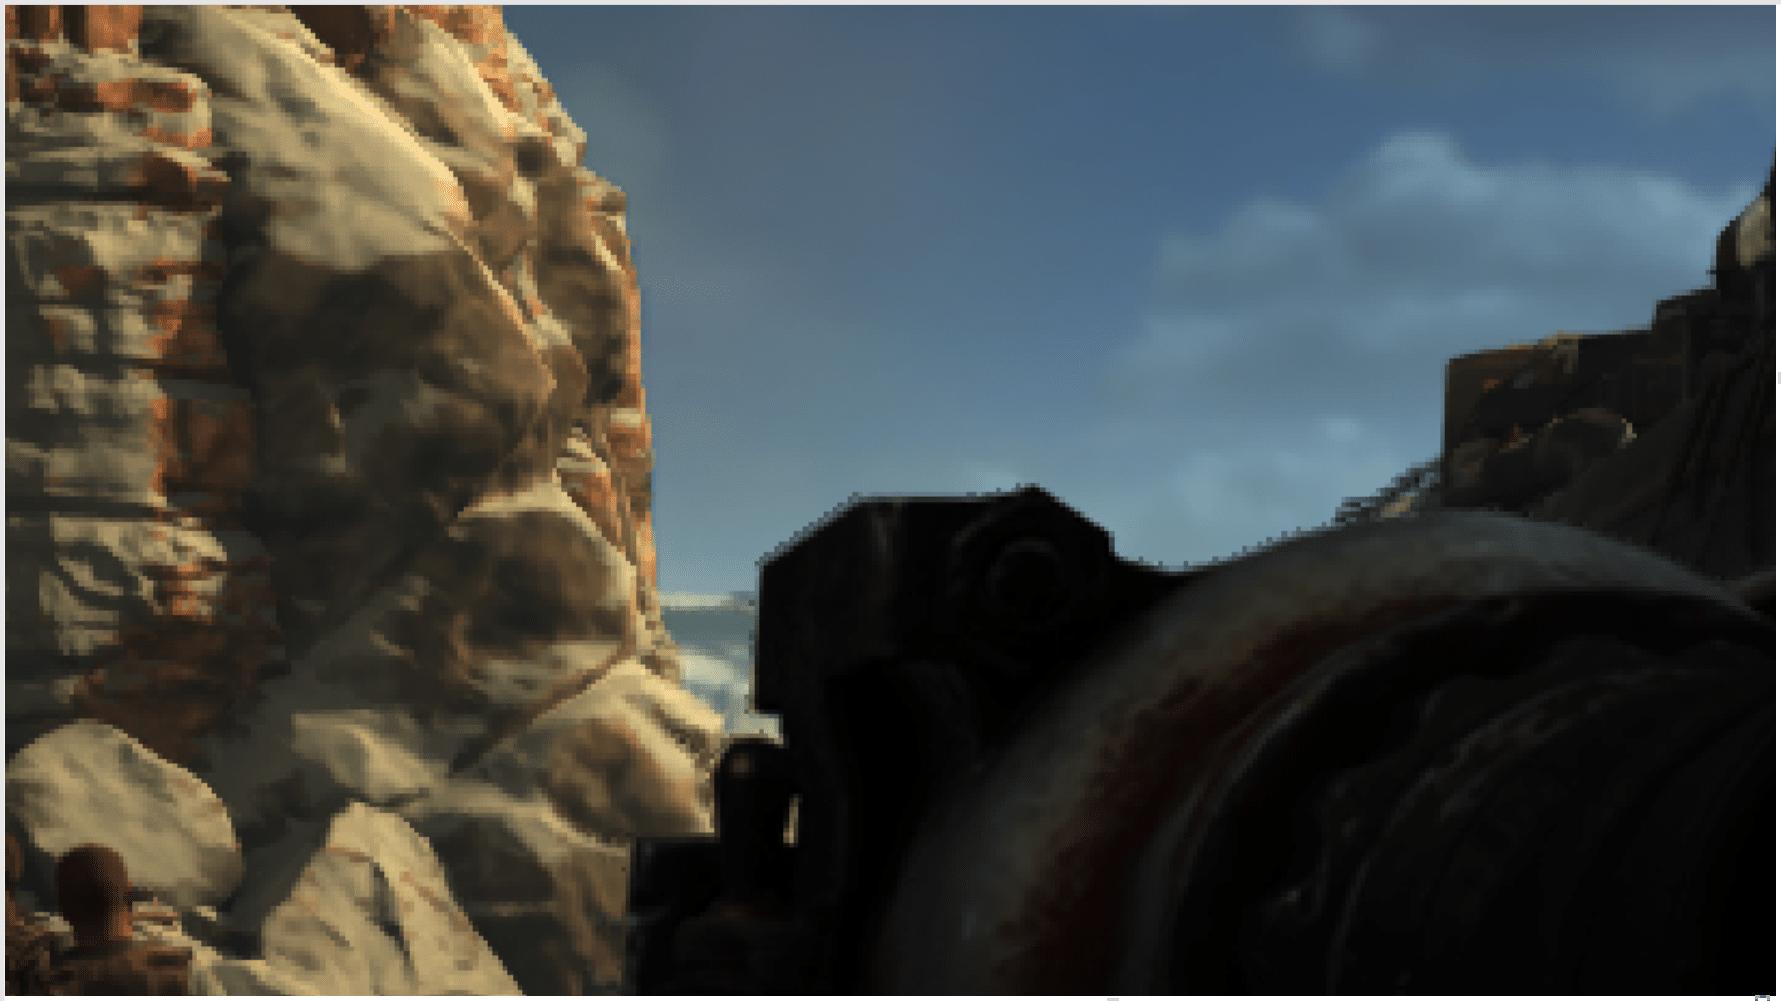 Особенности рендеринга в игре Metro: Exodus c raytracing - 32